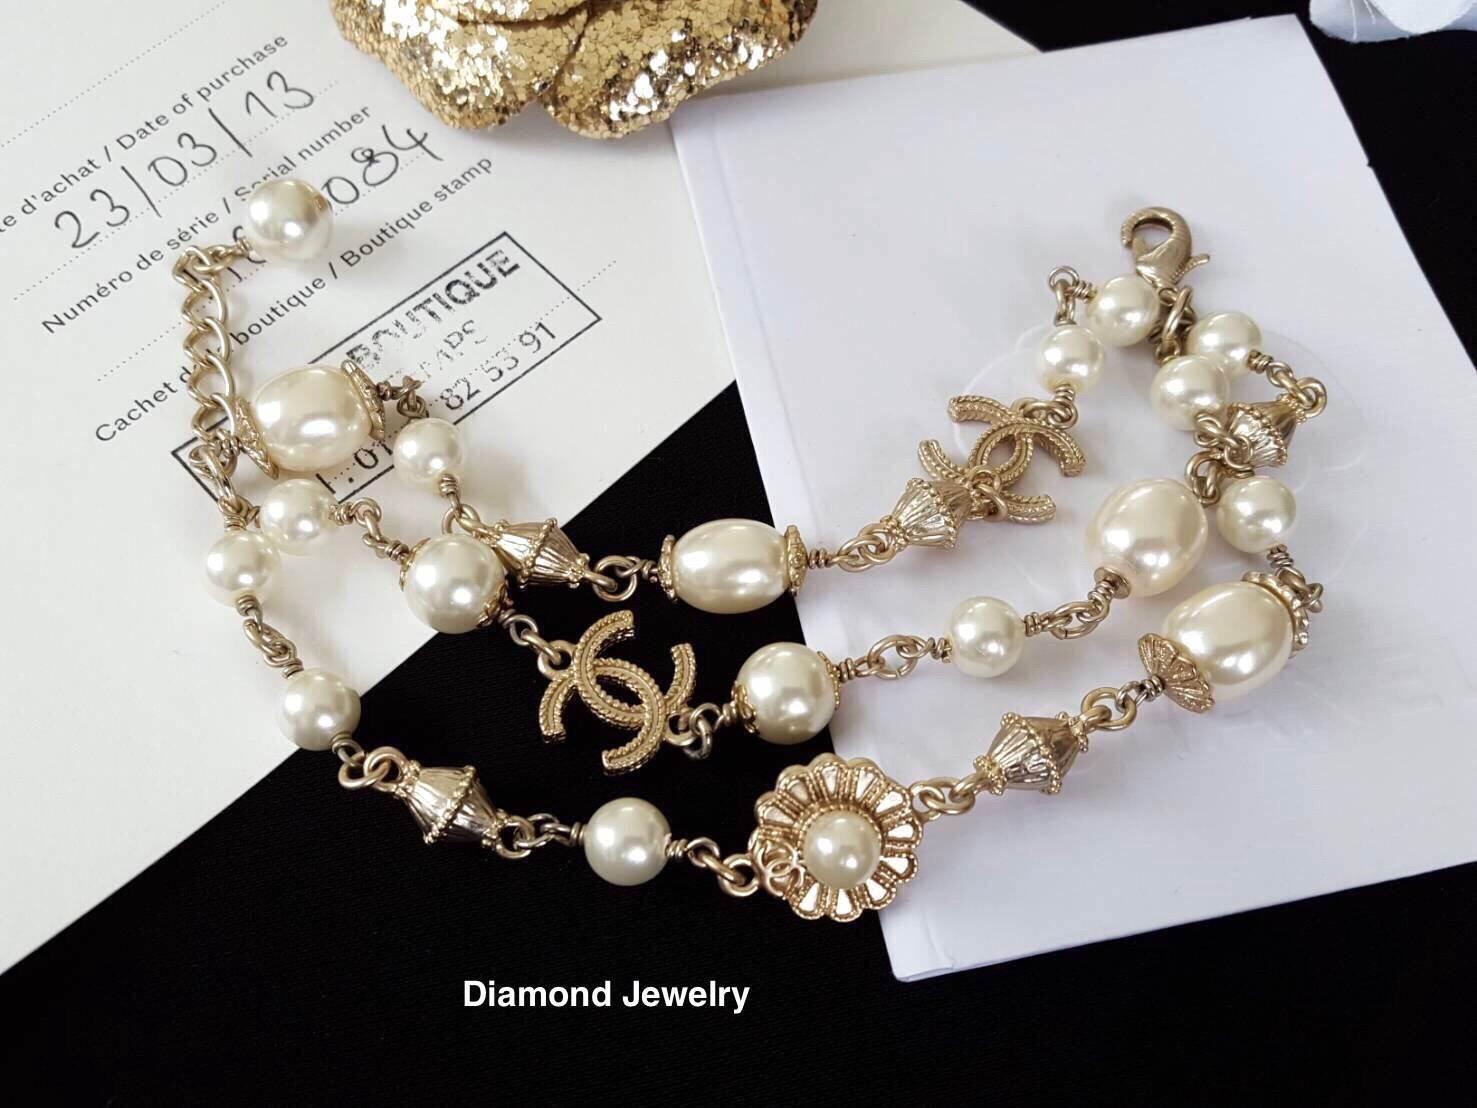 พร้อมส่ง Chanel Pearl Bracelet สร้อยข้อมือมุกชาแนลเกรดไฮเอน